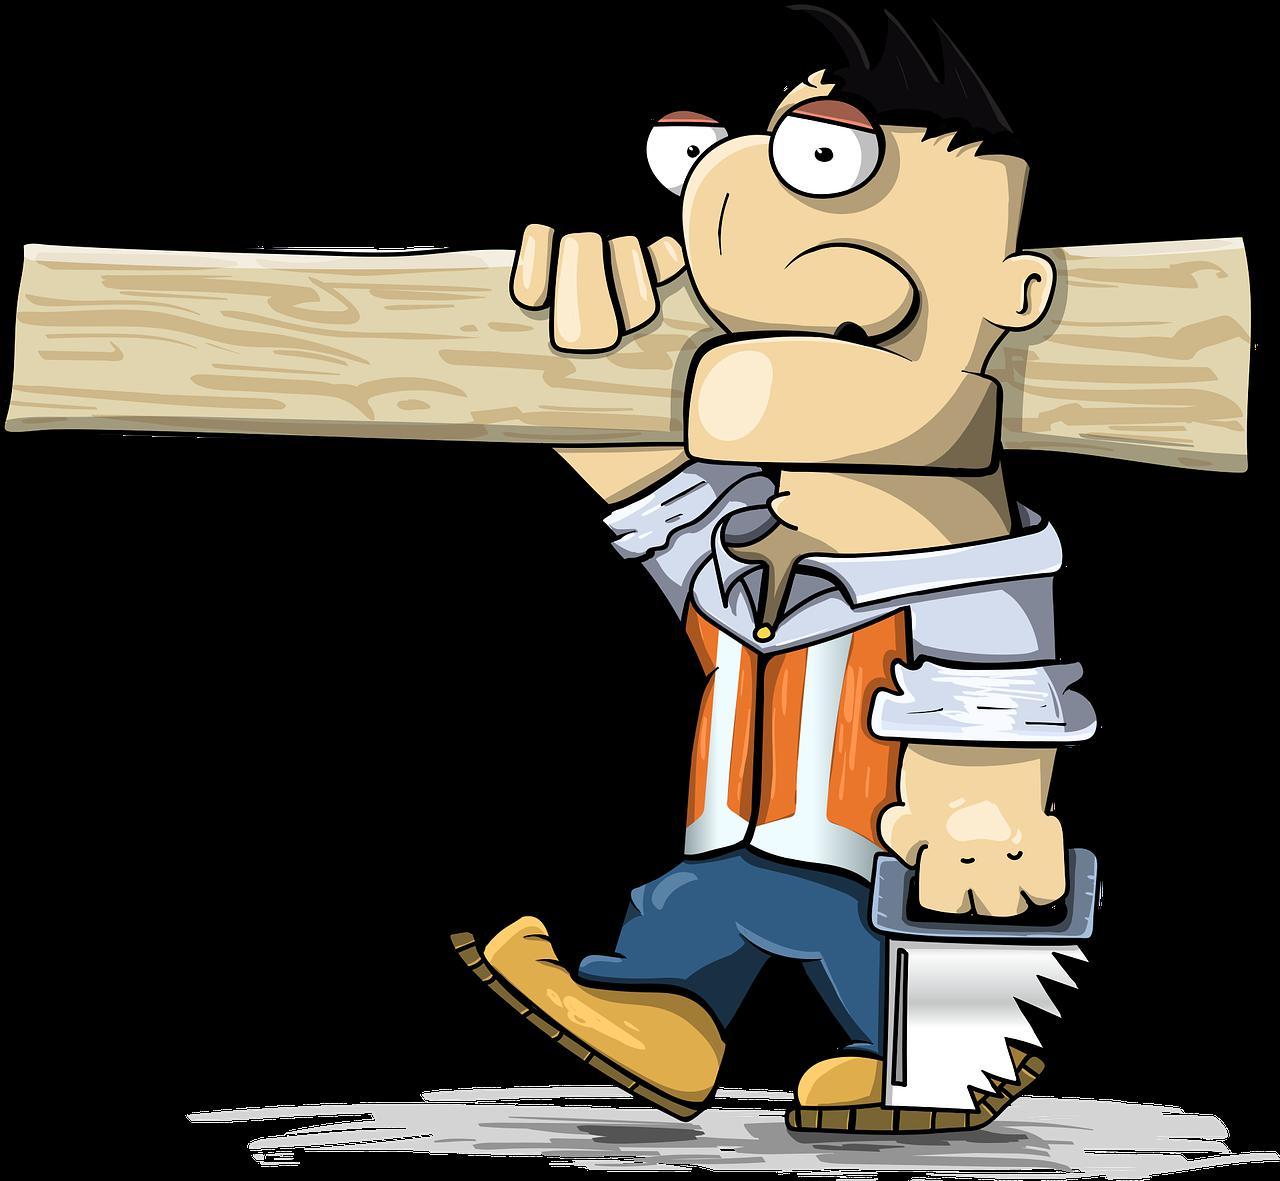 Extension ossature bois à Saint-hilaire-de-riez 85270 : Devis et tarifs